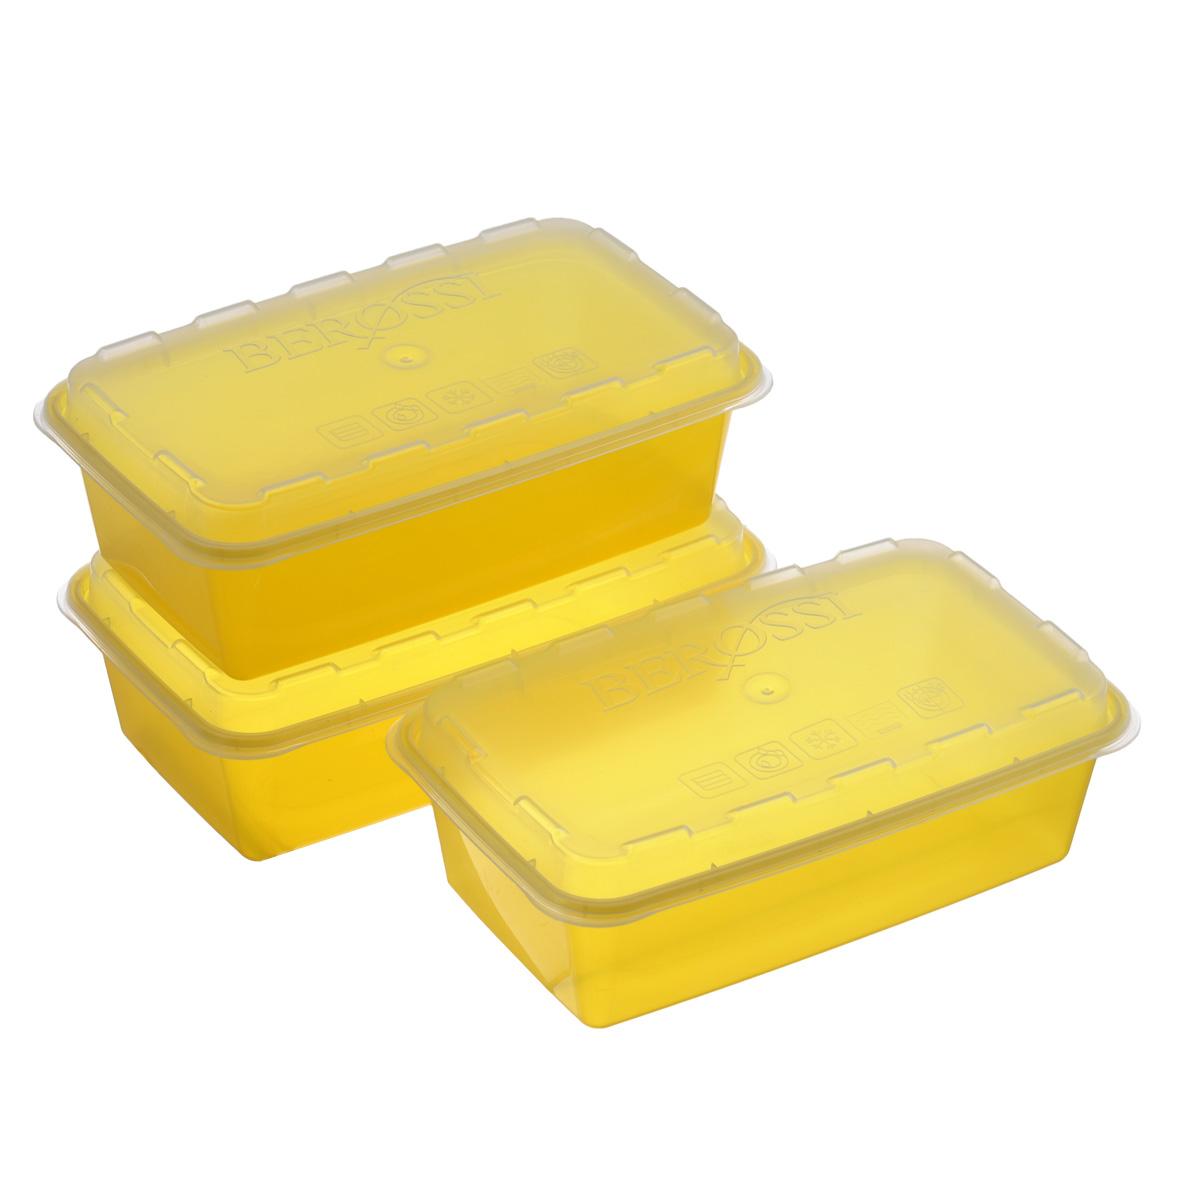 Набор контейнеров для СВЧ и заморозки Berossi Zip, цвет: желтый, 3 штИК17455Набор Berossi Zip, выполненный извысококачественного пищевогопрозрачного пластика, состоит из трехконтейнеров. Изделия предназначены дляхранения и транспортировки пищи.Крышки легко открываются и плотнозакрываются с помощью легкого щелчка.Контейнеры удобно складываются друг в друга,что экономит пространство прихранении в шкафу. Подходят для использования в микроволновойпечи без крышки (до +120°С), длязаморозки при минимальной температуре -20°С.Можно мыть в посудомоечной машине.